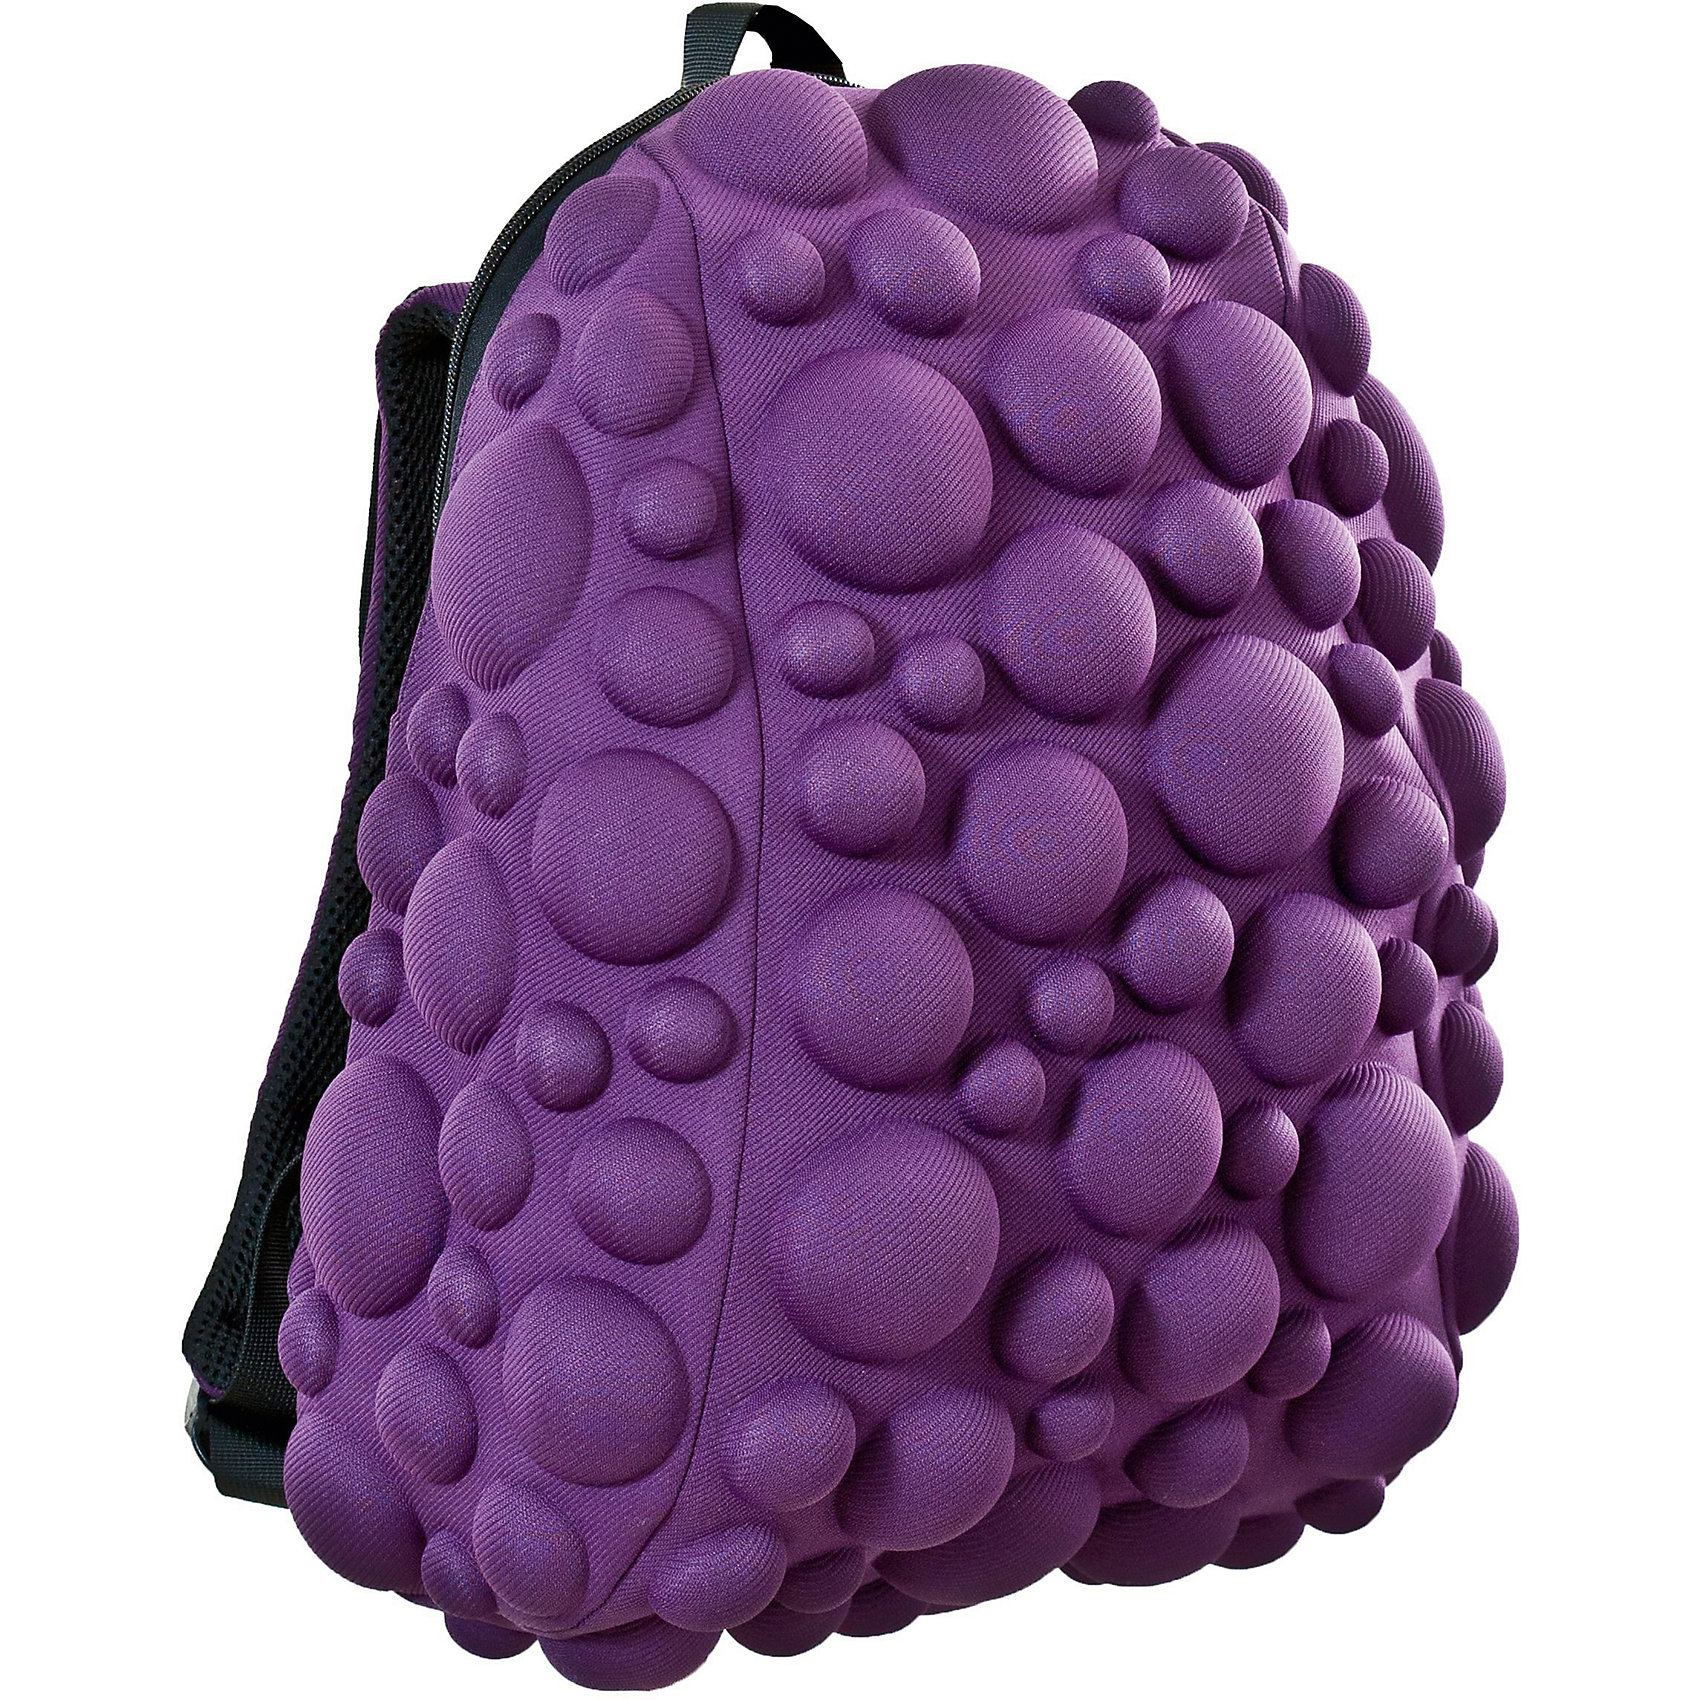 Рюкзак Bubble HalfРюкзаки<br>Легкий и вместительный рюкзак с одним основным отделением с застежкой на молниии. В основное отделение с легкостью входит ноутбук  размером диагонали 13 дюймов, iPad и формат А4. Незаменимый аксессуар как для активного городского жителя, так и для школьников и студентов. Широкие лямки можно регулировать для наиболее удобной посадки, а мягкая ортопедическая спинка делает ношение наиболее удобным и комфортным. Размер 35х30х15 см, цвет Slurple (фиолетовый), 100% полиспандекс, MadPax, США<br><br>Ширина мм: 35<br>Глубина мм: 30<br>Высота мм: 15<br>Вес г: 600<br>Возраст от месяцев: 84<br>Возраст до месяцев: 420<br>Пол: Унисекс<br>Возраст: Детский<br>SKU: 5344323